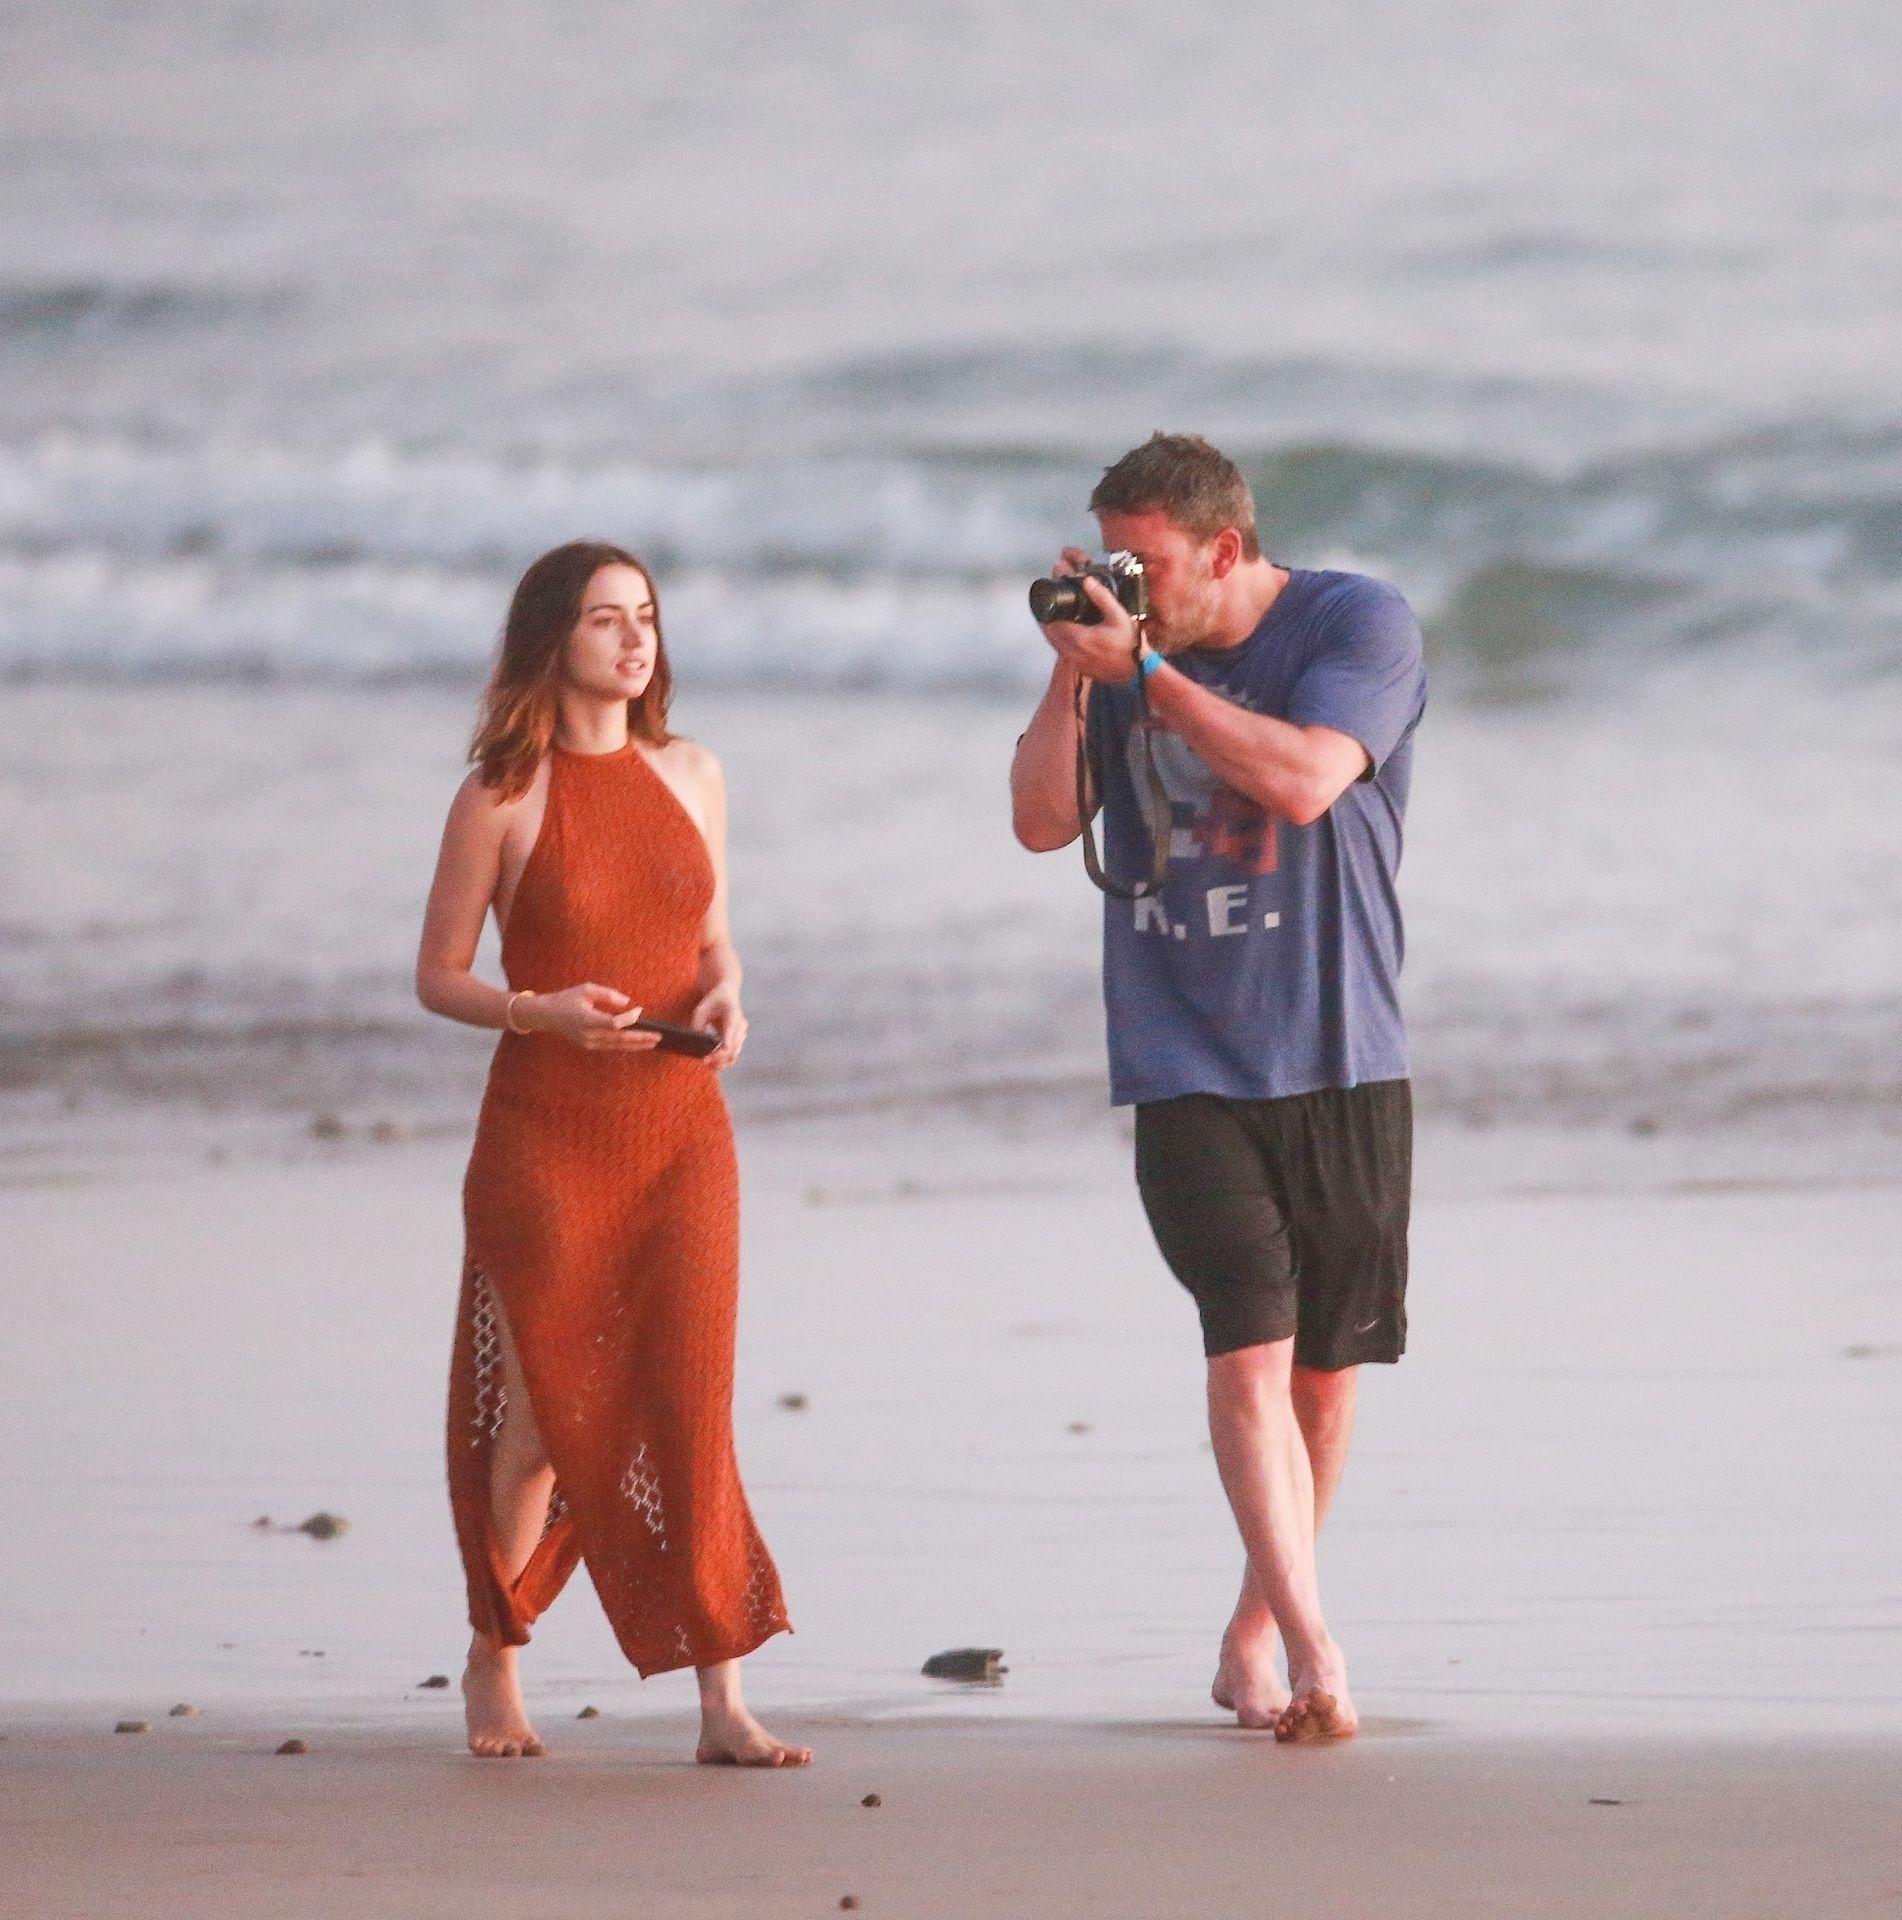 Ben Affleck & Ana De Armas Enjoy A Pda Moment During Romantic Beach Stroll In Costa Rica 0034